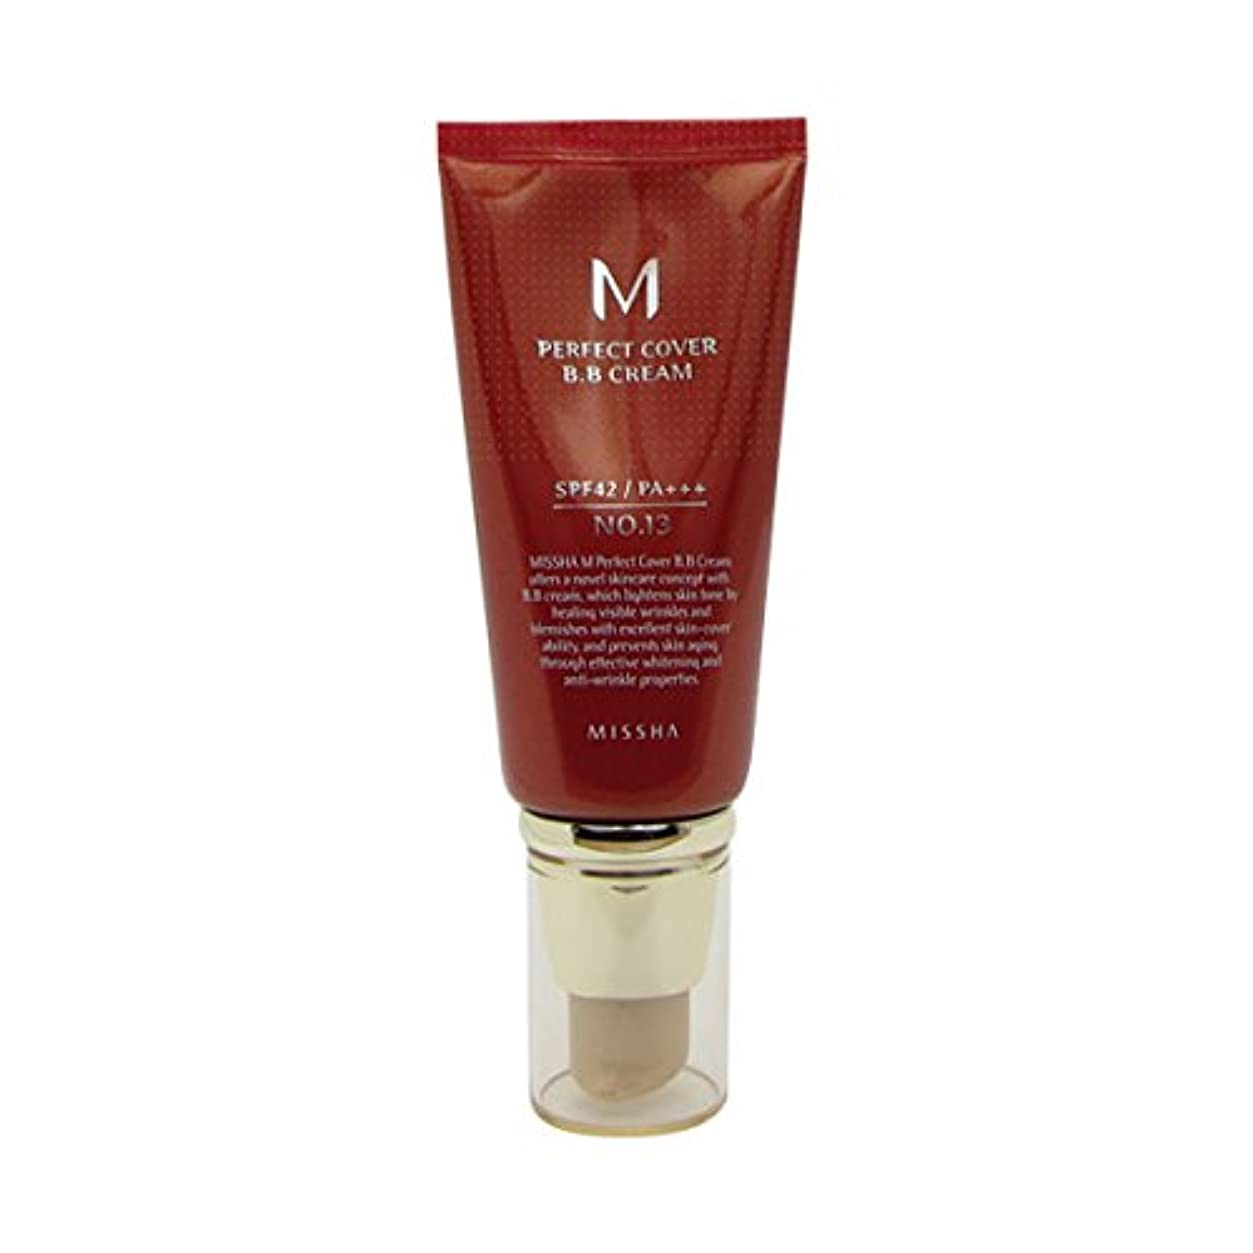 身元指定戻すMissha M Perfect Cover Bb Cream Spf42/pa+++ No.13 Bright Beige 50ml [並行輸入品]